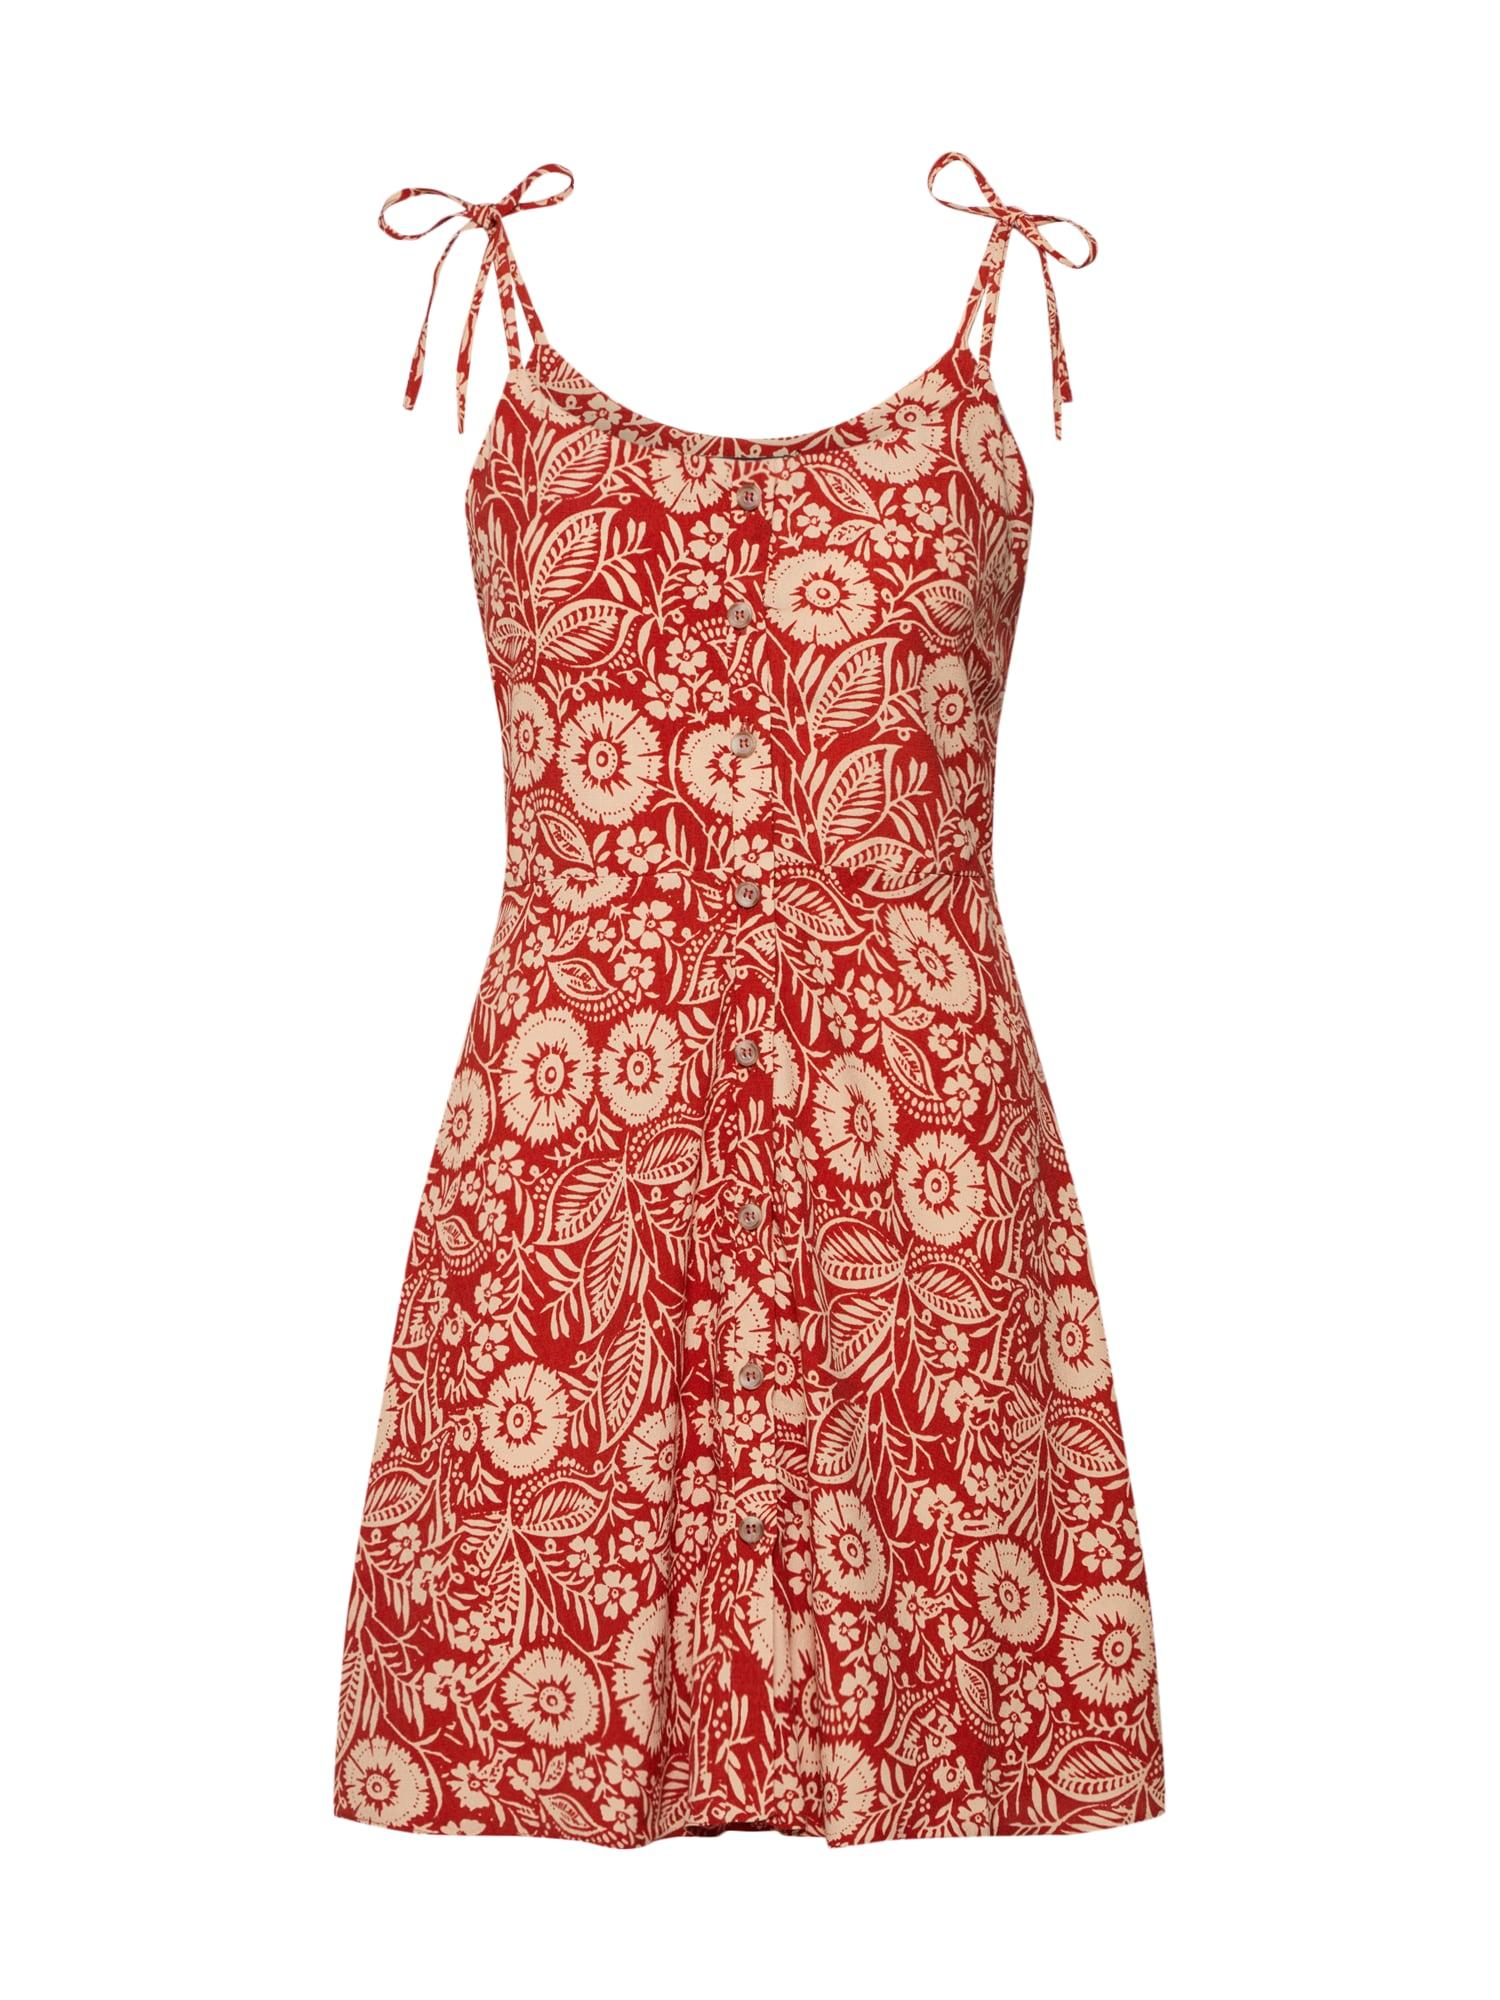 Vaak Rode jurk kopen? Check eerst de rode jurken tips op Jurken.com! &DD87